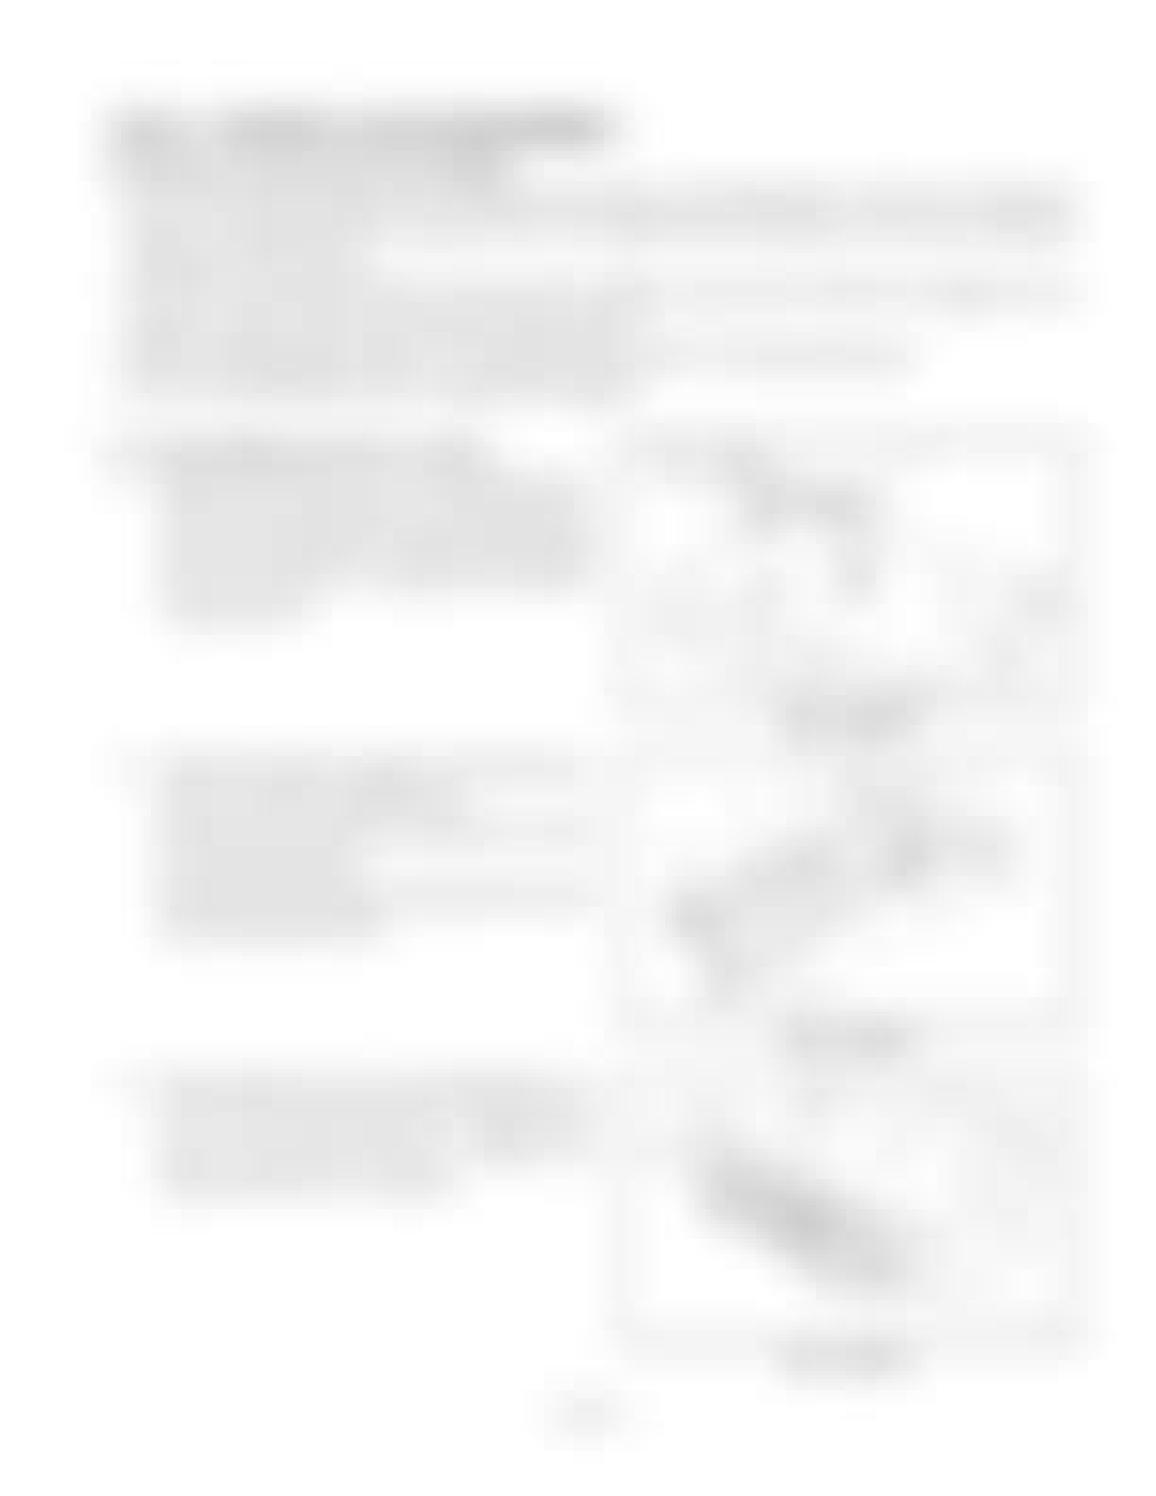 Hitachi LX110-7 LX130-7 LX160-7 LX190-7 LX230-7 Wheel Loader Workshop Manual - PDF DOWNLOAD page 129